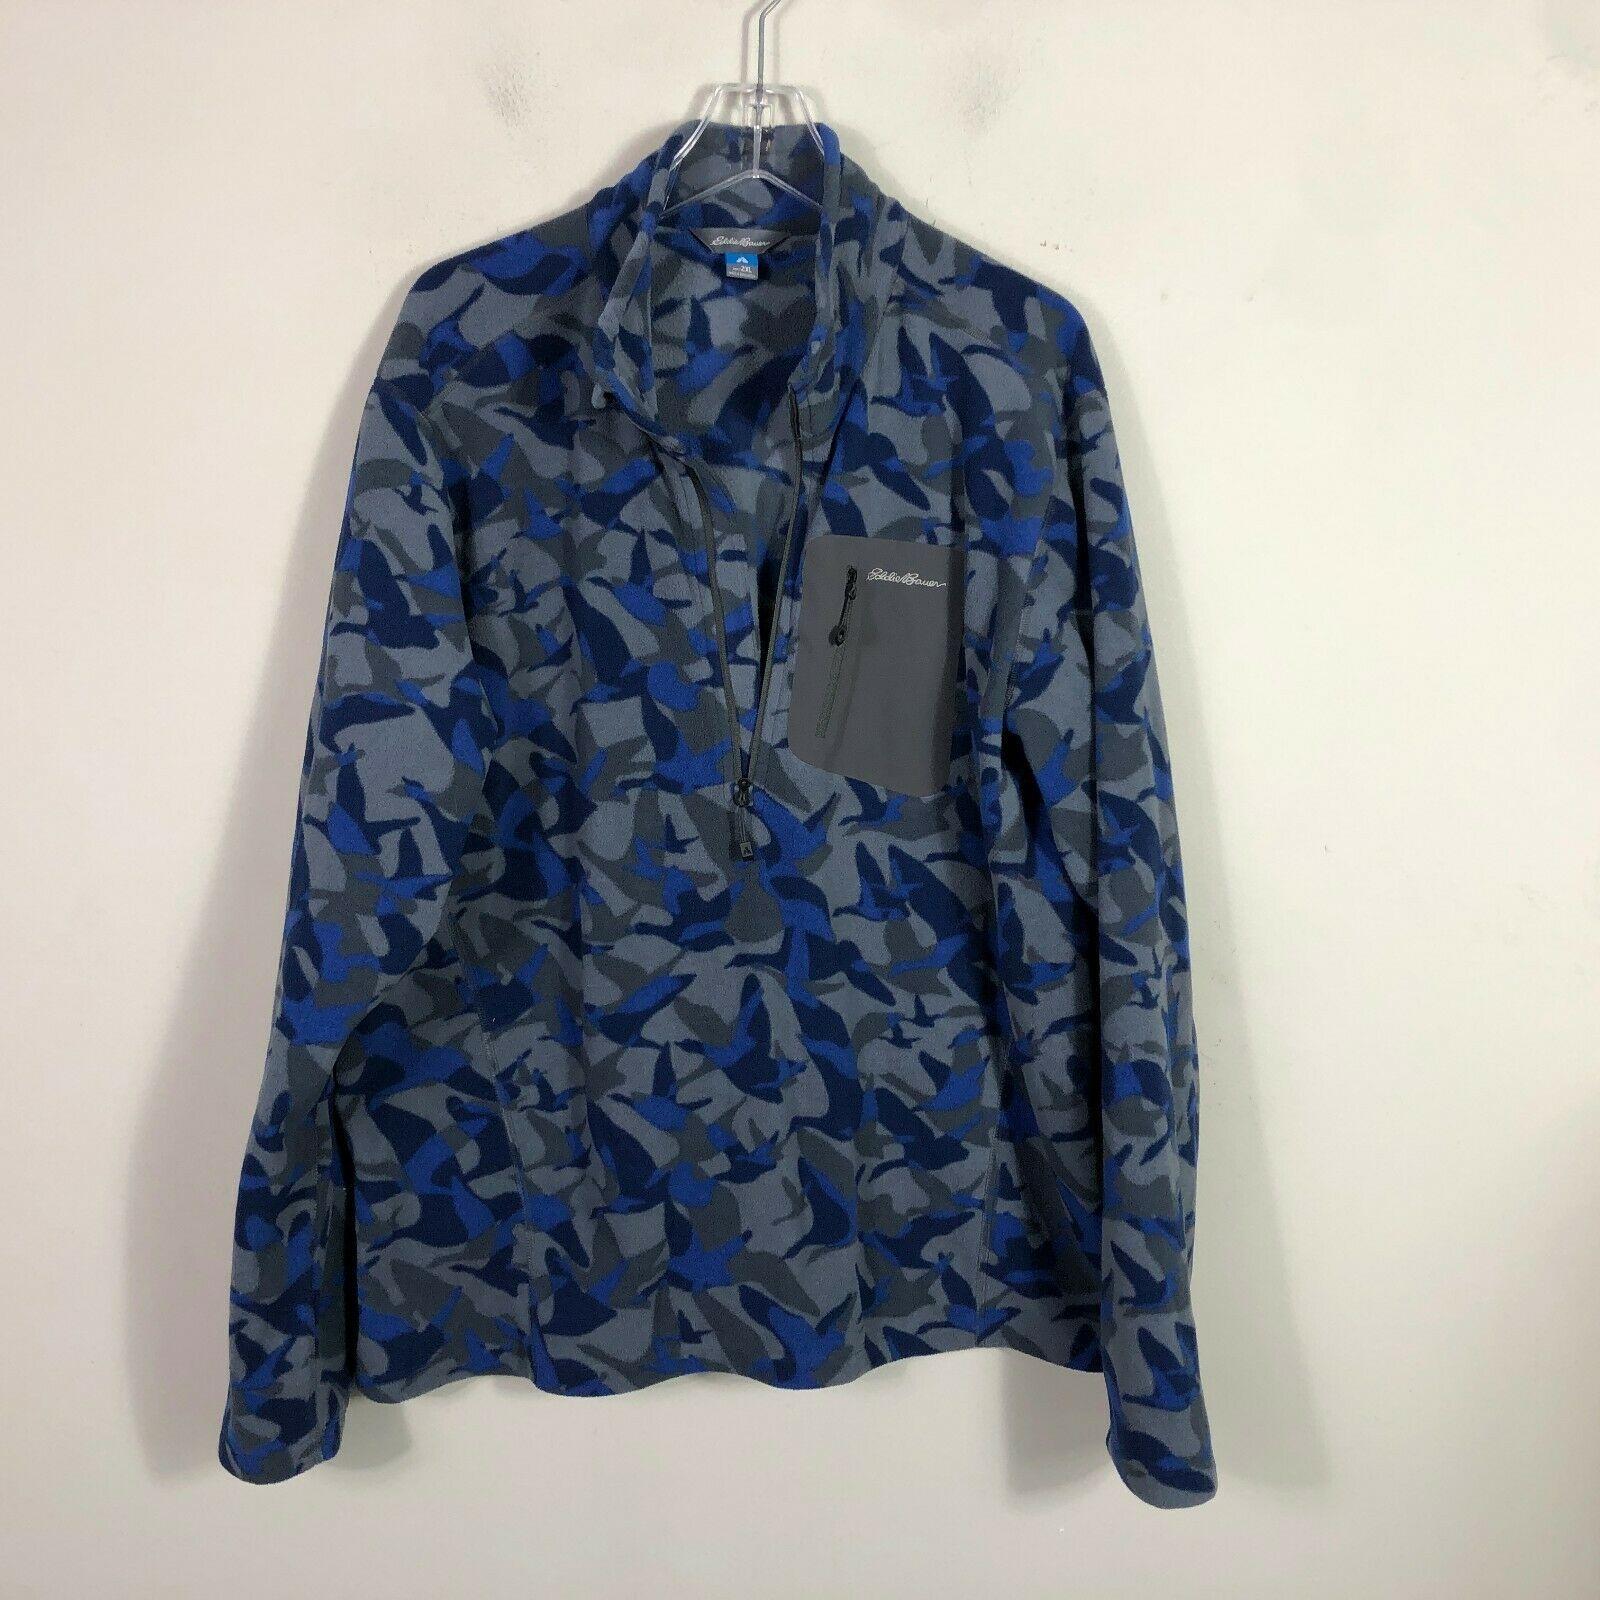 Eddie Bauer First Ascent Fleece Jacket 1/2 Zip Men's 2XL Blue Gray Long Sleeve